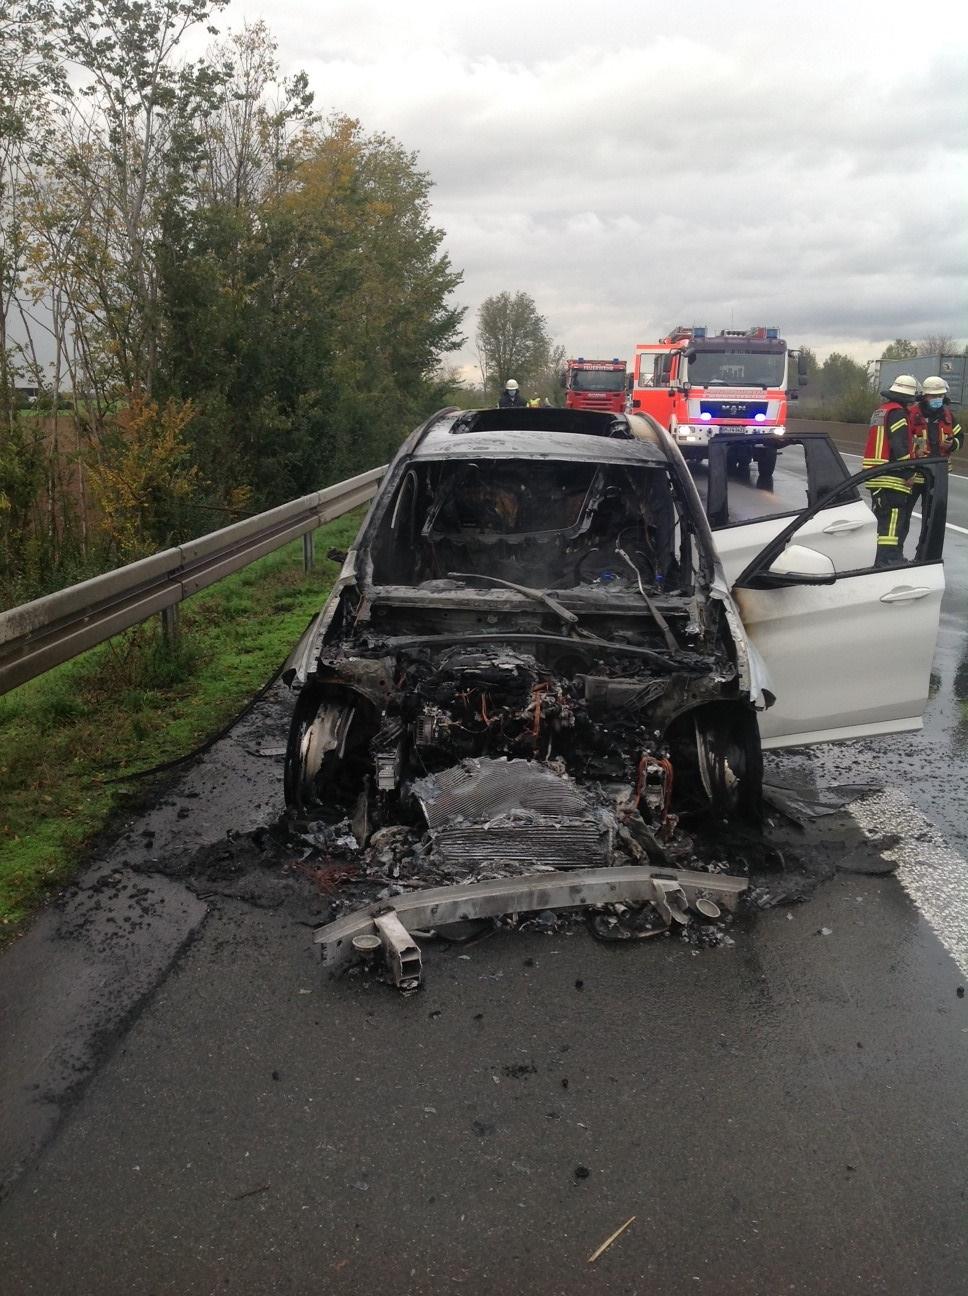 23.10.2020 – PKW auf der Autobahn ausgebrannt